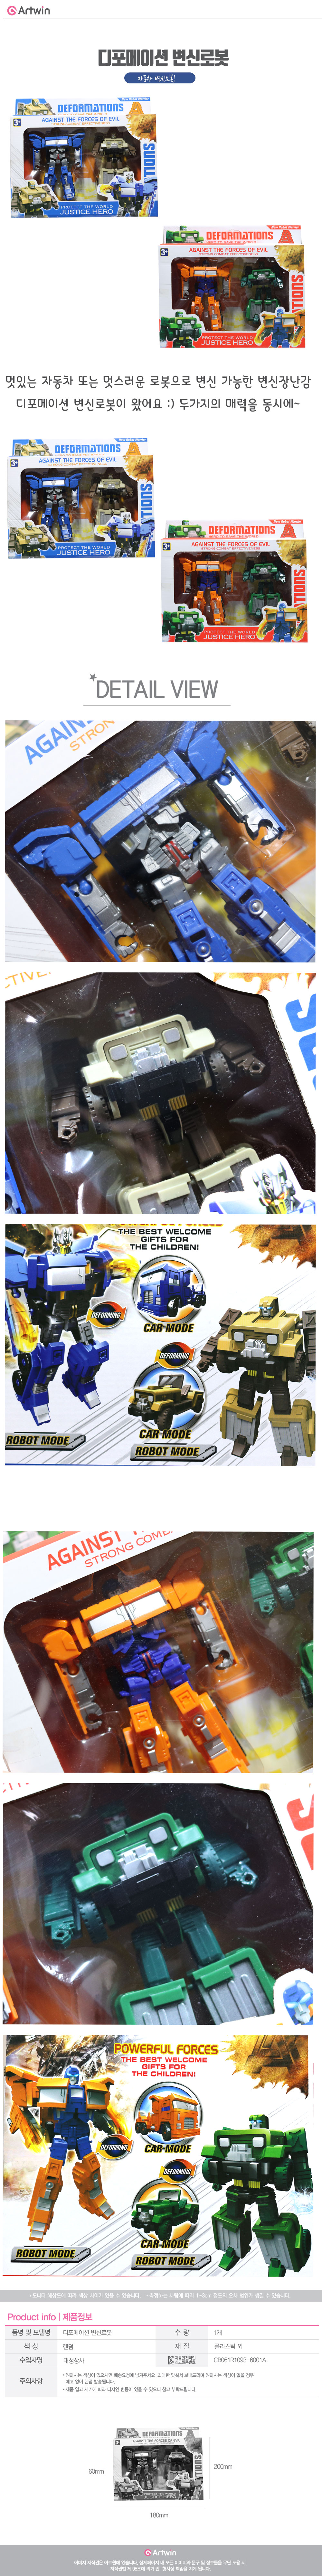 8000디포메이션변신로봇(랜덤) - 아트윈, 8,000원, 로봇/틴토이, 로봇